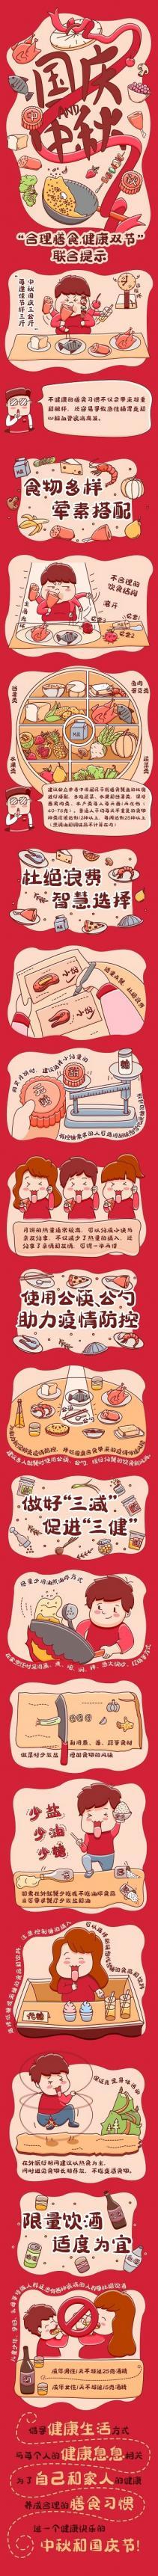 """漫画丨双节同庆,谨防""""过节胖三斤"""""""